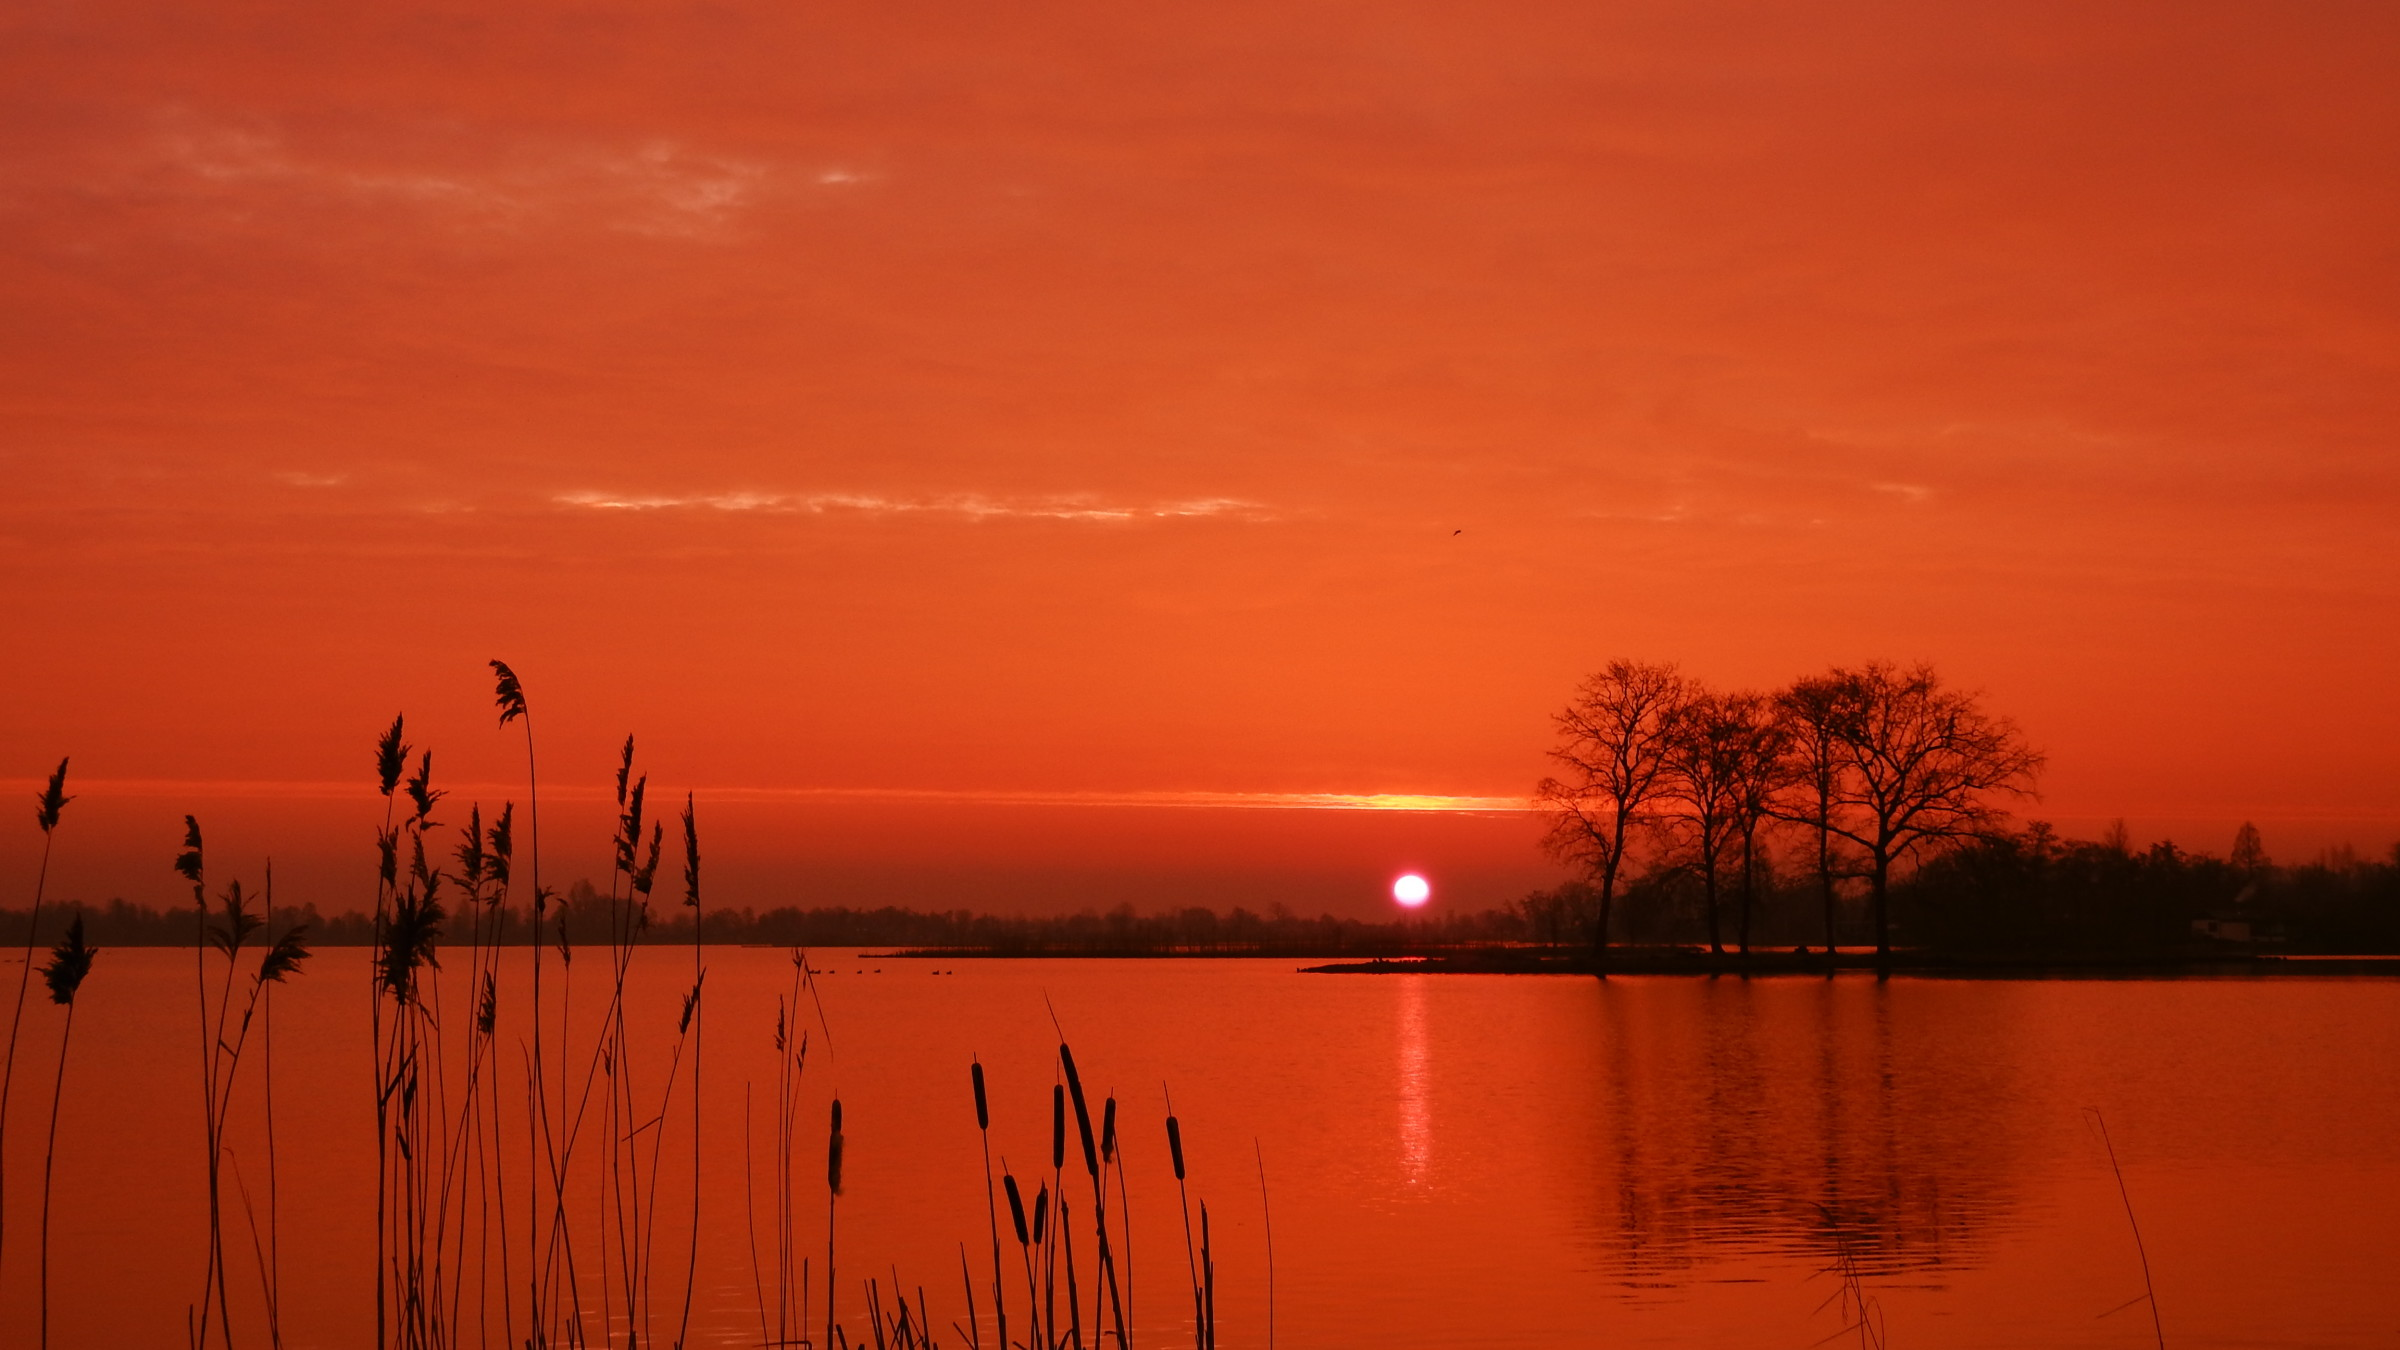 Weerwoord koude zonsopkomst met warme kleuren!